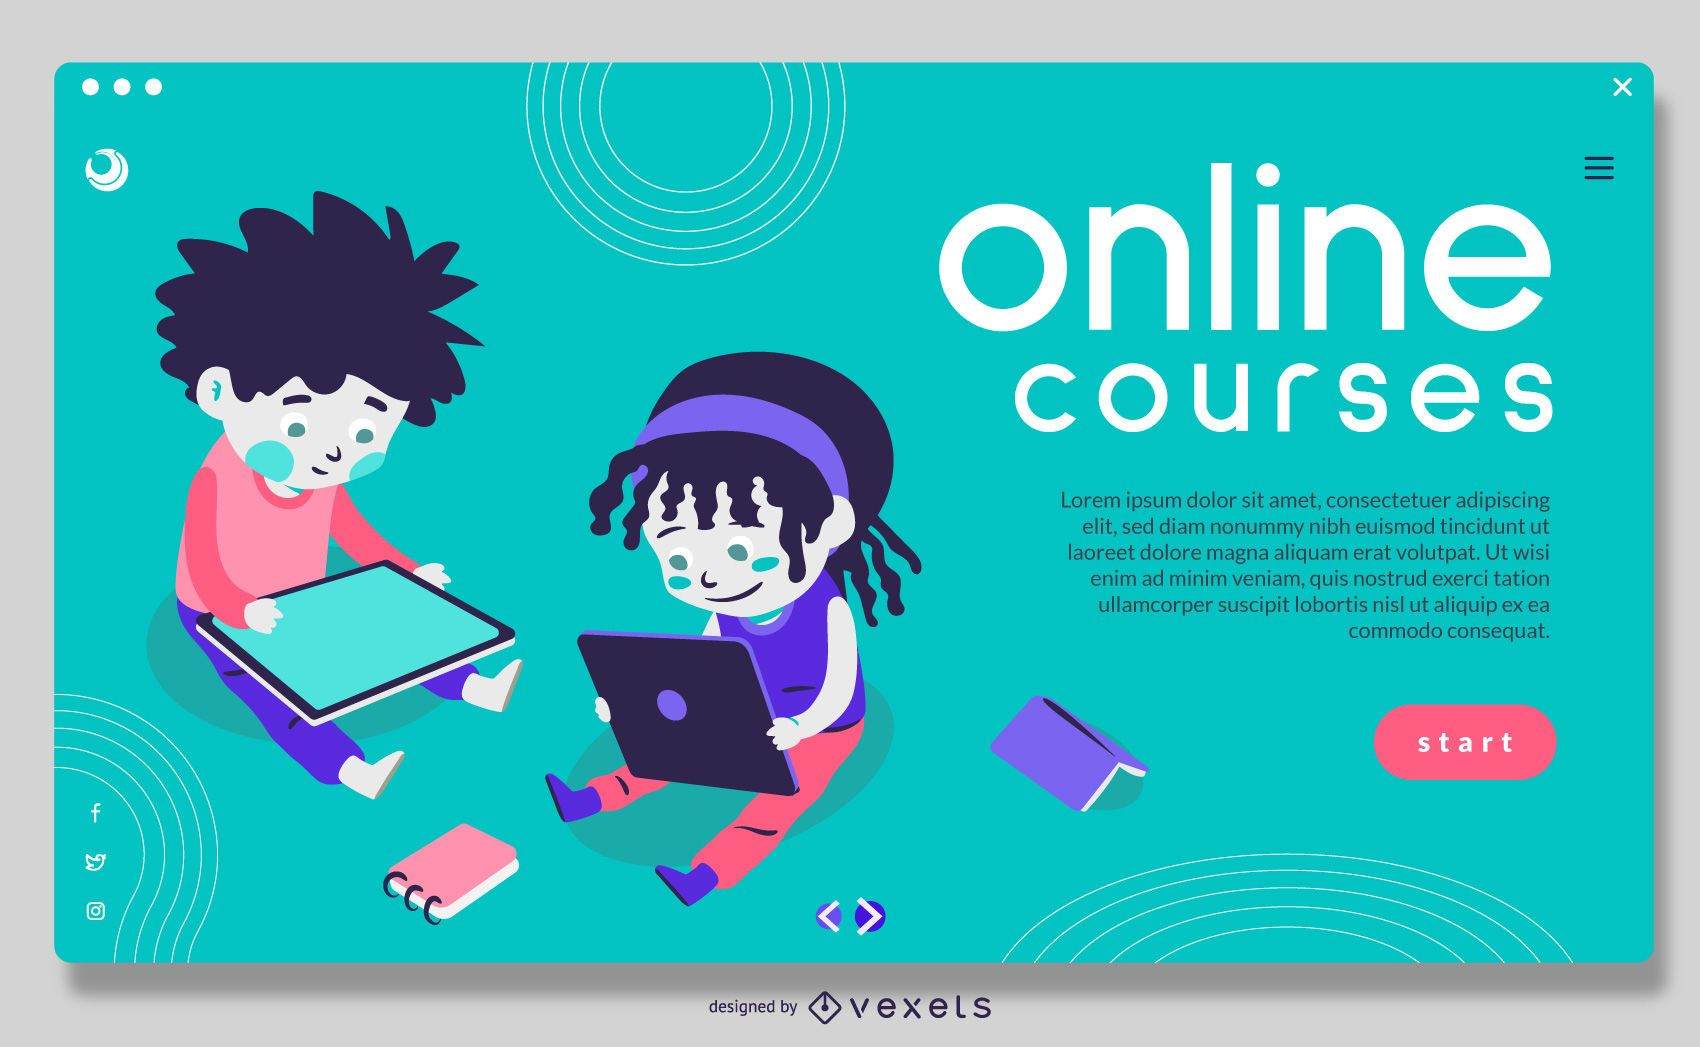 Cursos Online Crianças Design de Slider em Tela Cheia